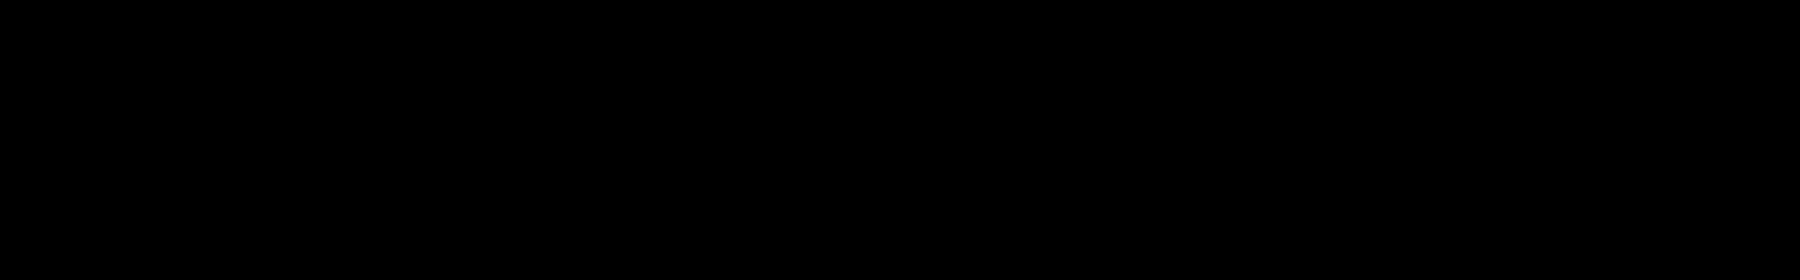 Spektrumsynth audio waveform